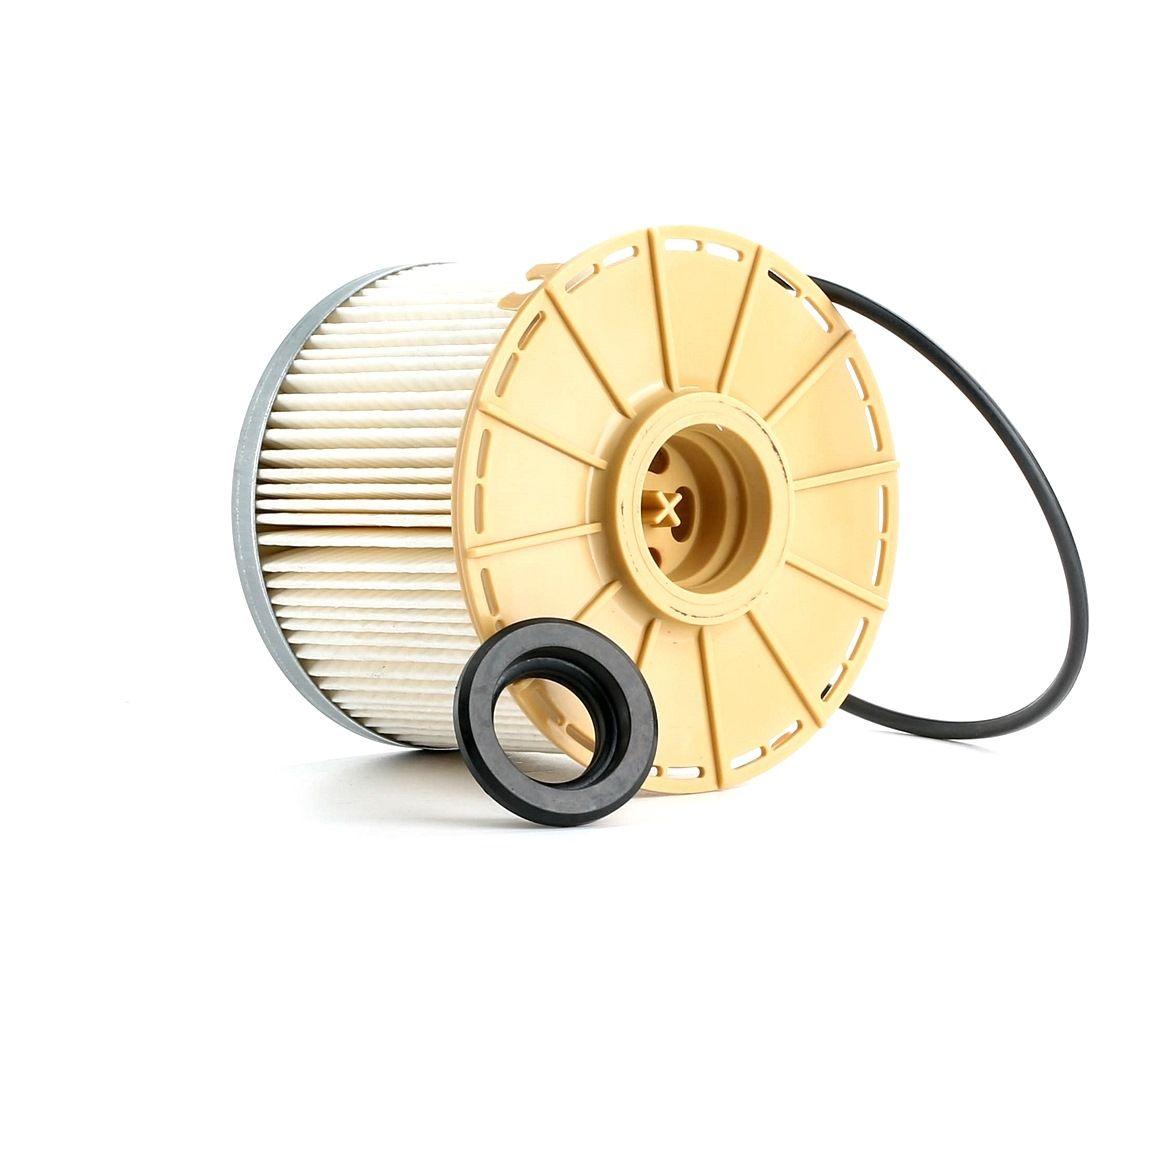 Achetez Filtre à carburant NIPPARTS N1339008 (Hauteur: 84mm) à un rapport qualité-prix exceptionnel